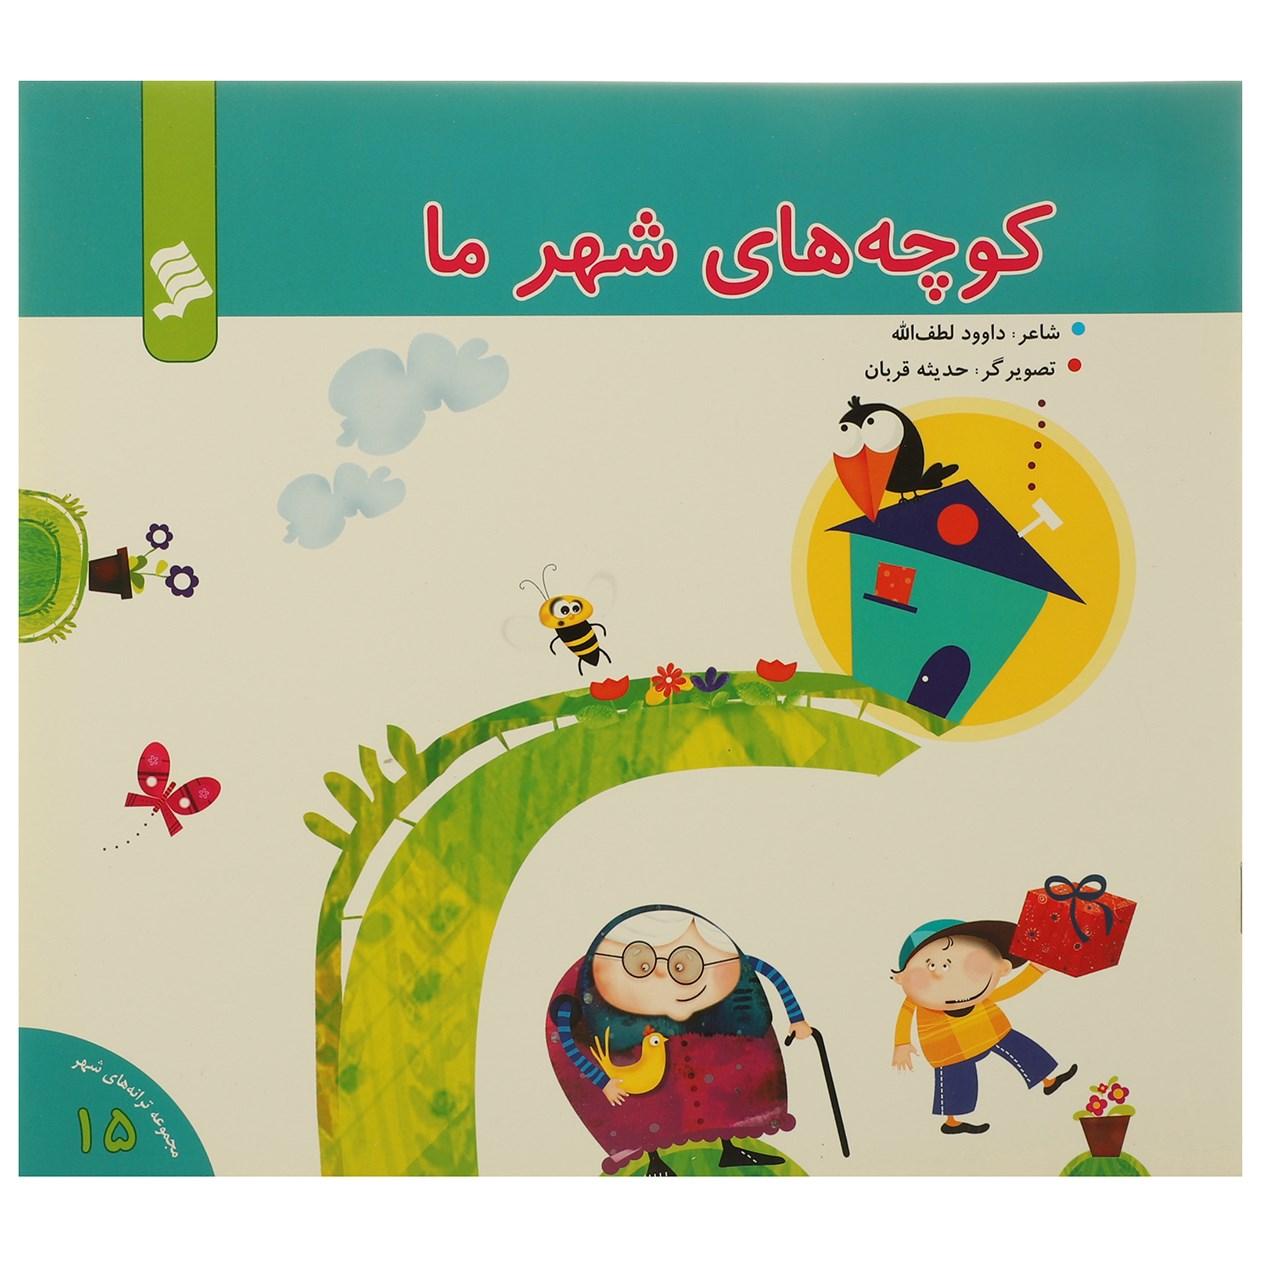 کتاب کوچه های شهر ما اثر داوود لطف الله